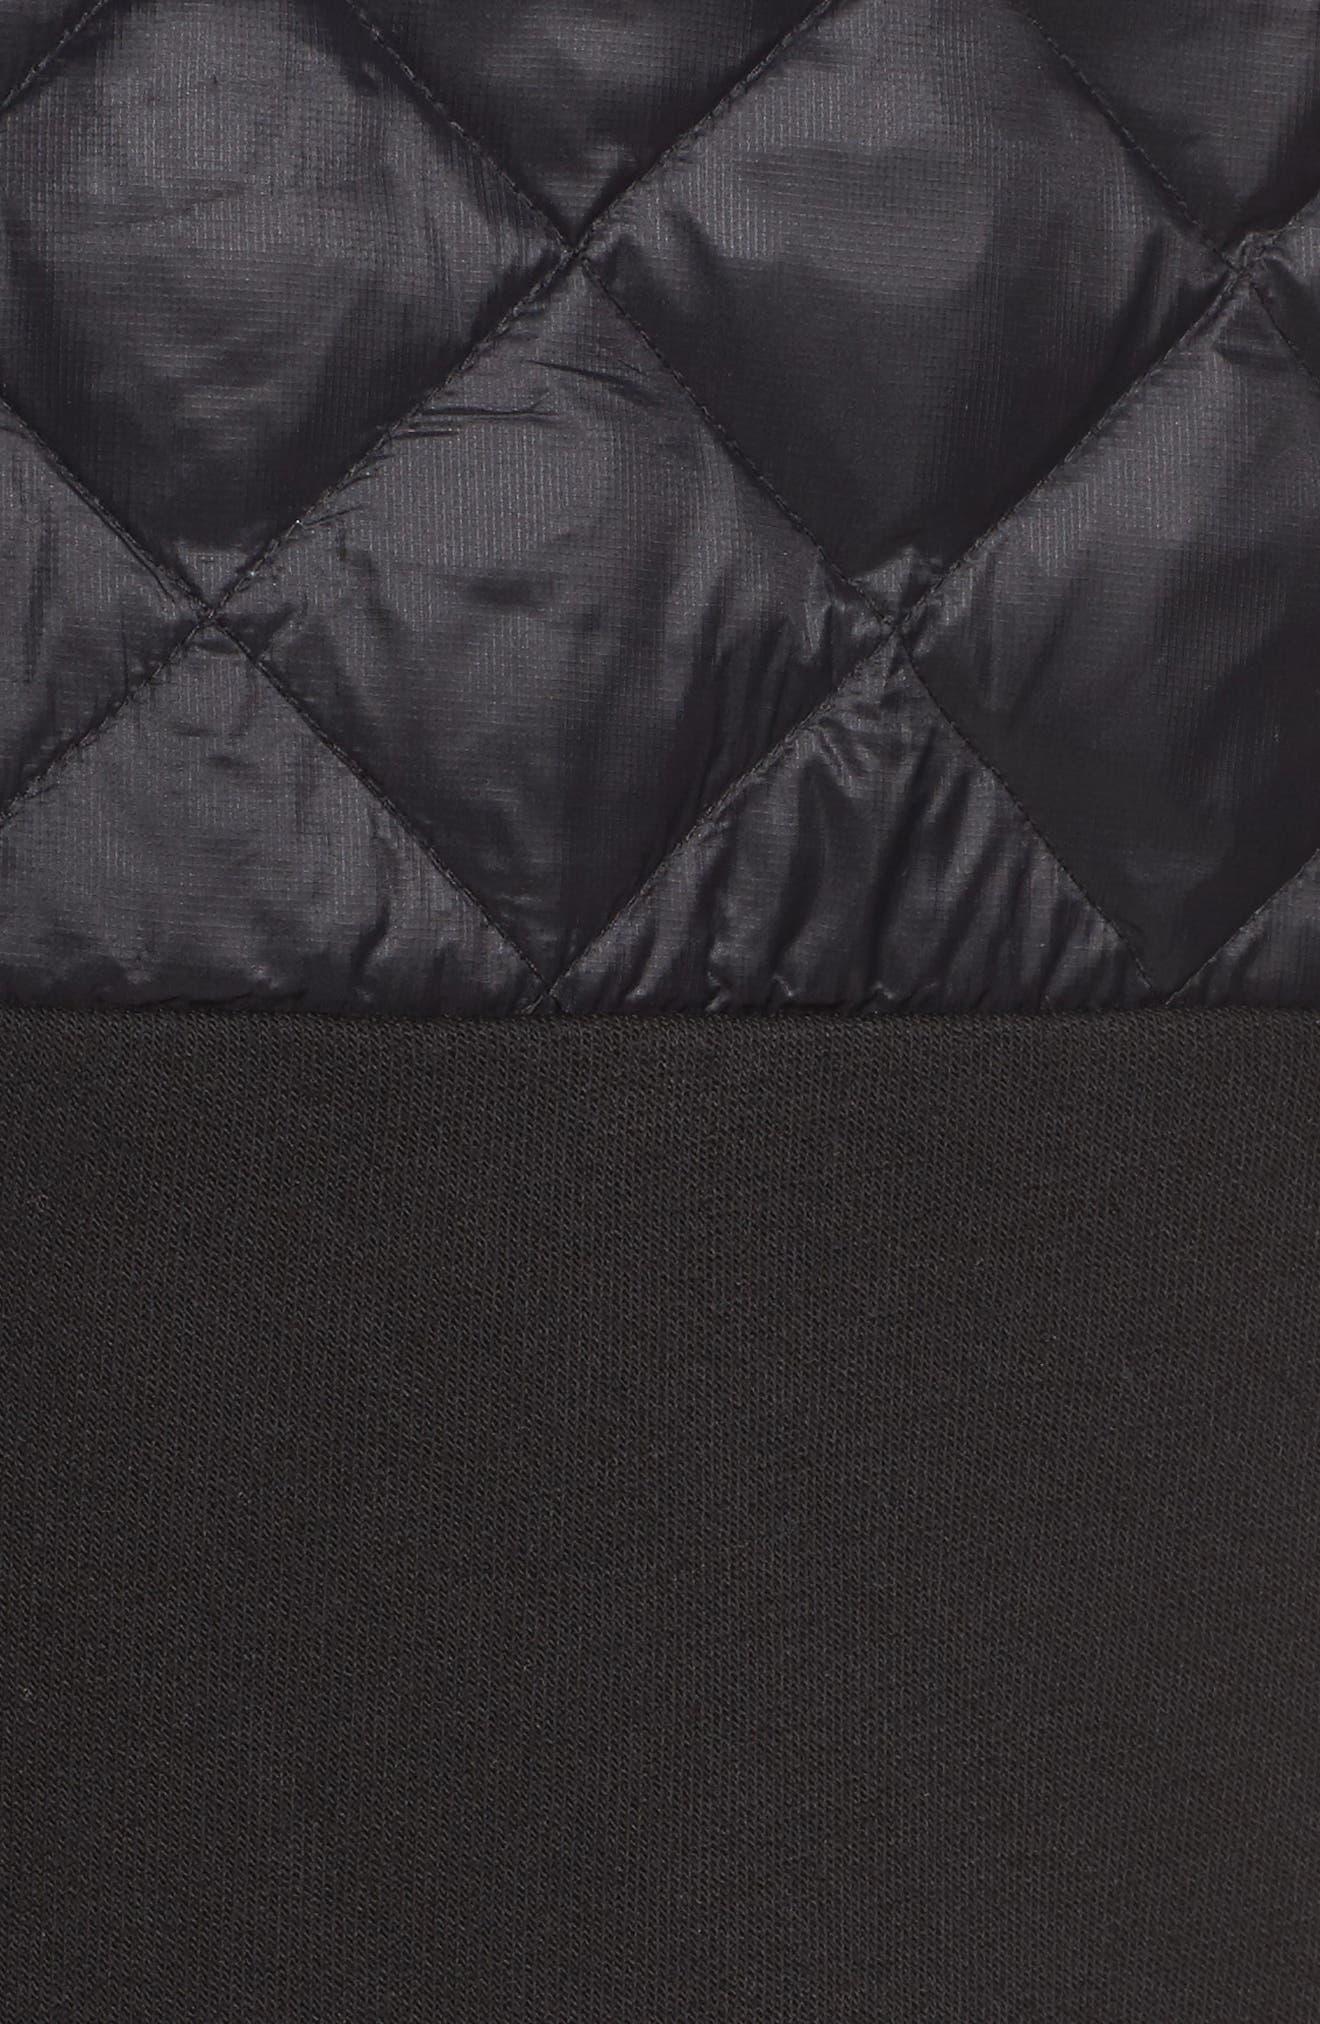 Great Escape Down Jacket,                             Alternate thumbnail 6, color,                             Black